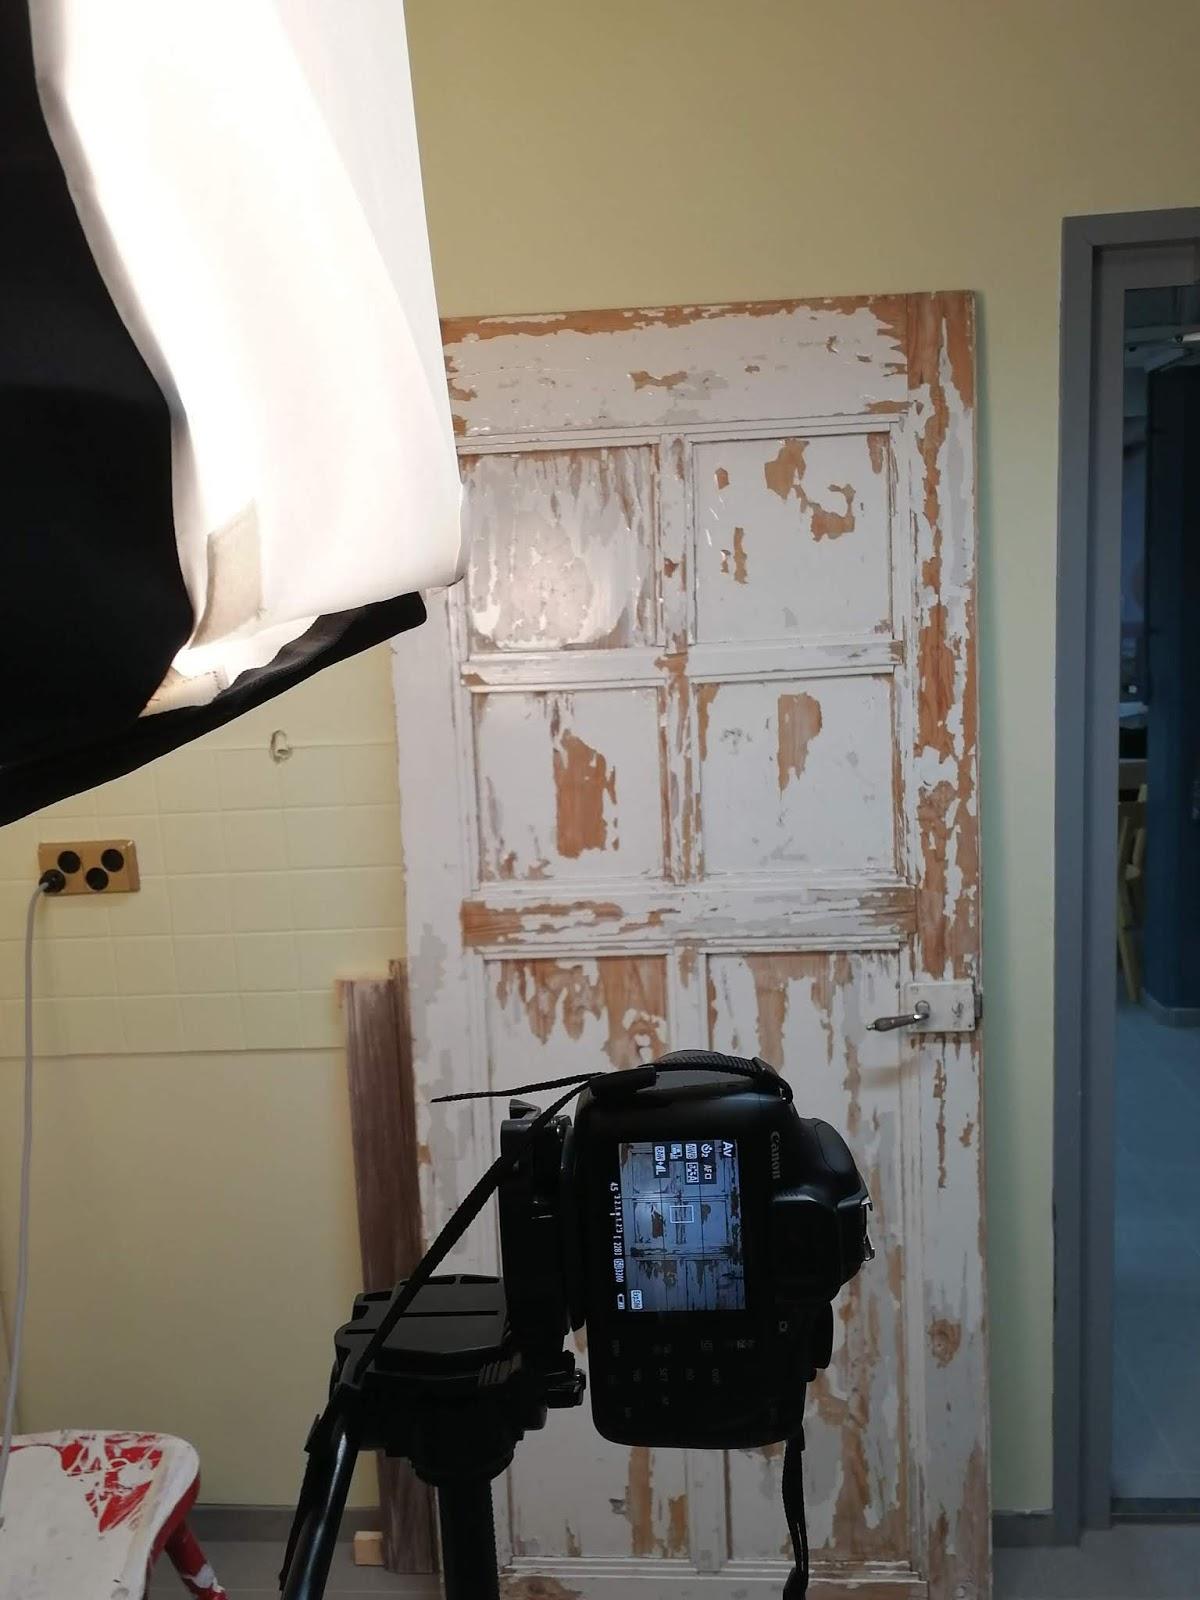 ovi tausta kuvausvalo kamera